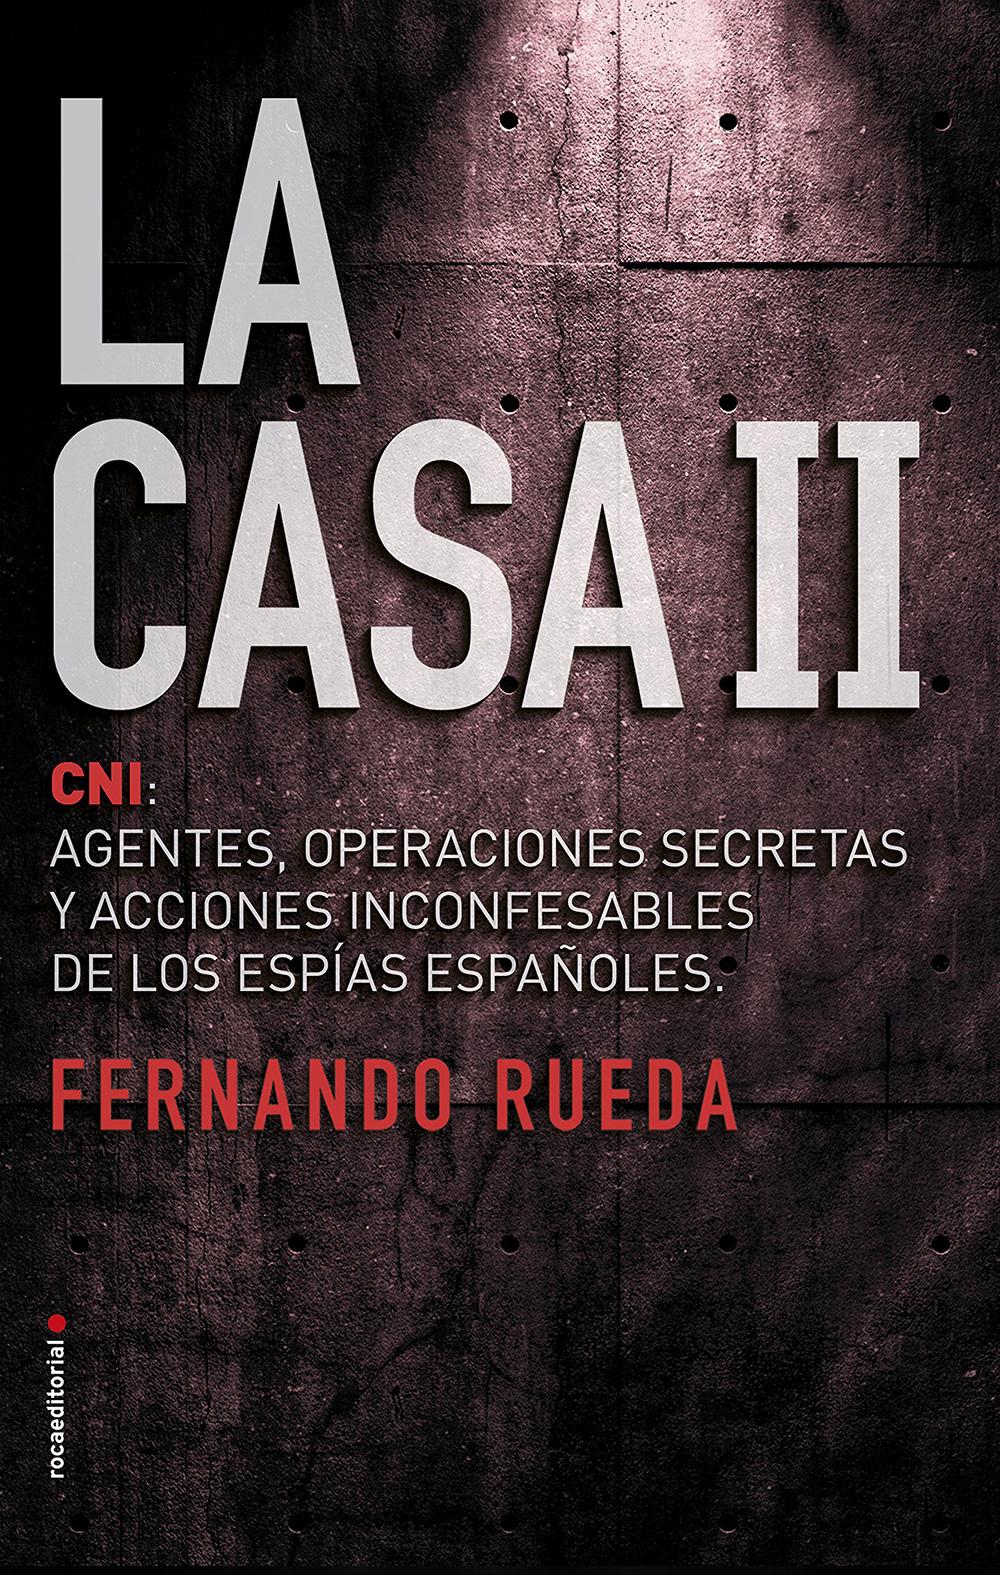 Portada libro - La Casa II: CNI: Agentes, operaciones secretas y acciones inconfensables de los espías españoles.: 2